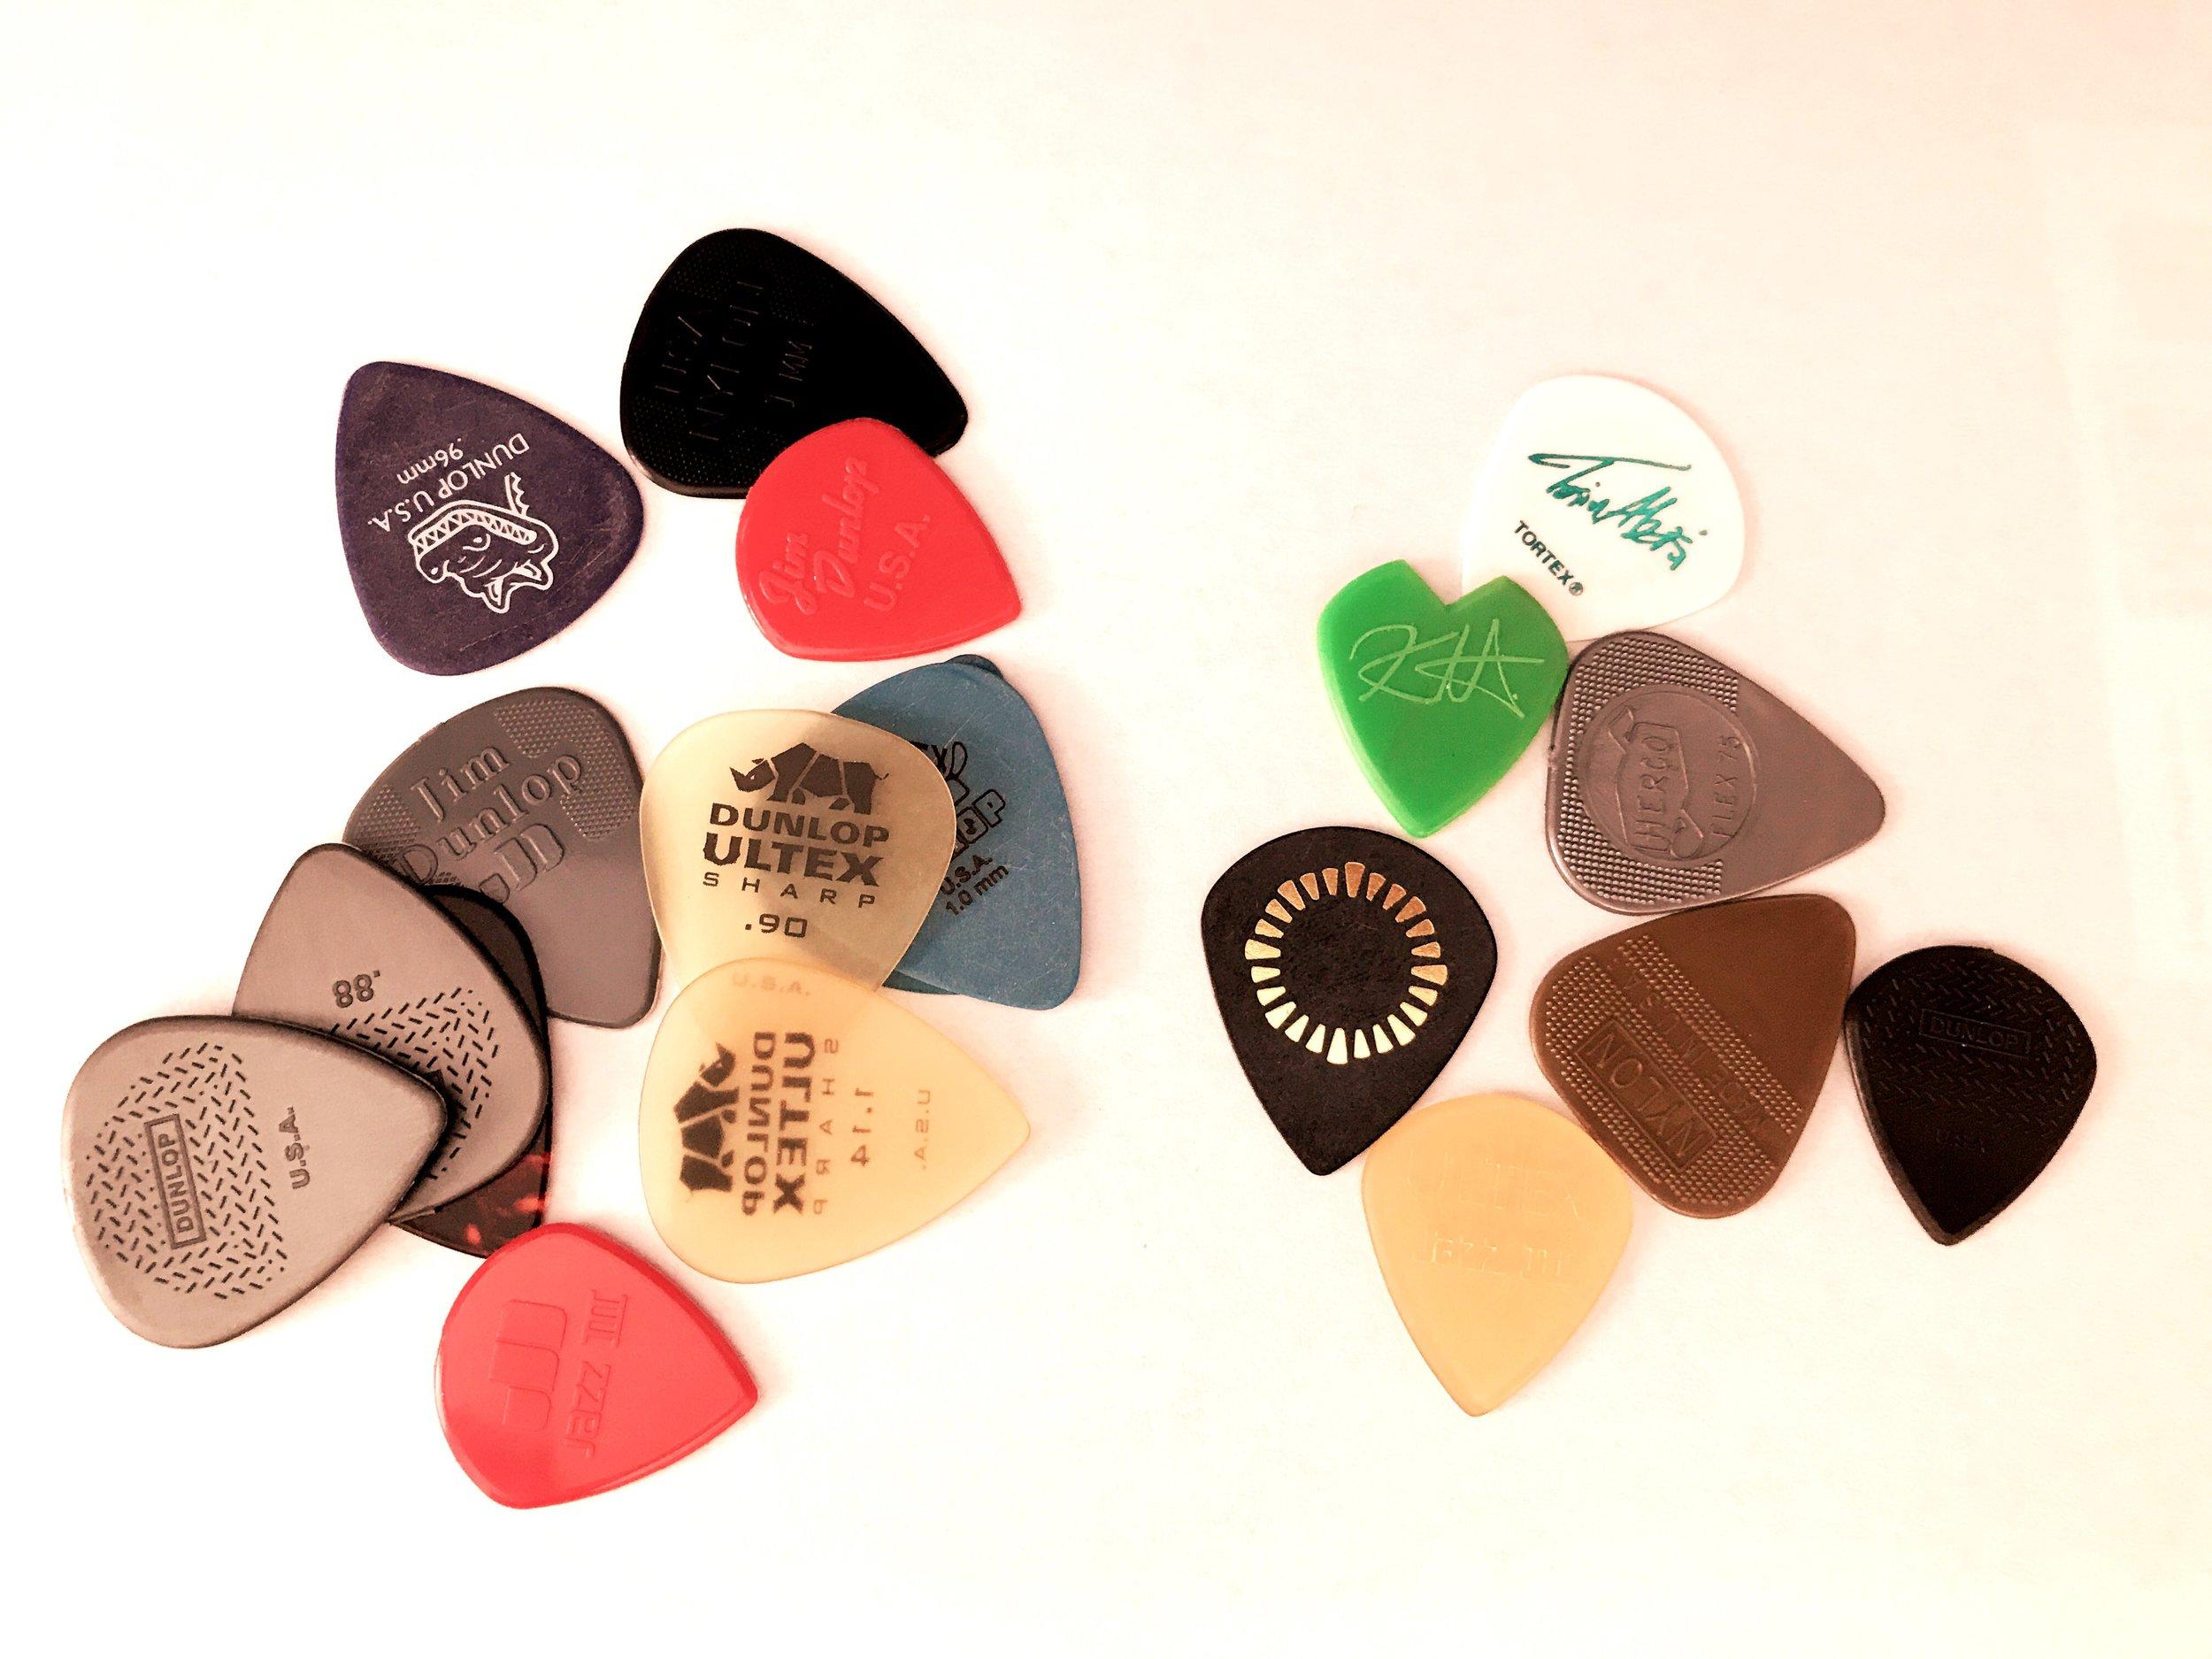 dunlop_guitar_picks.jpeg